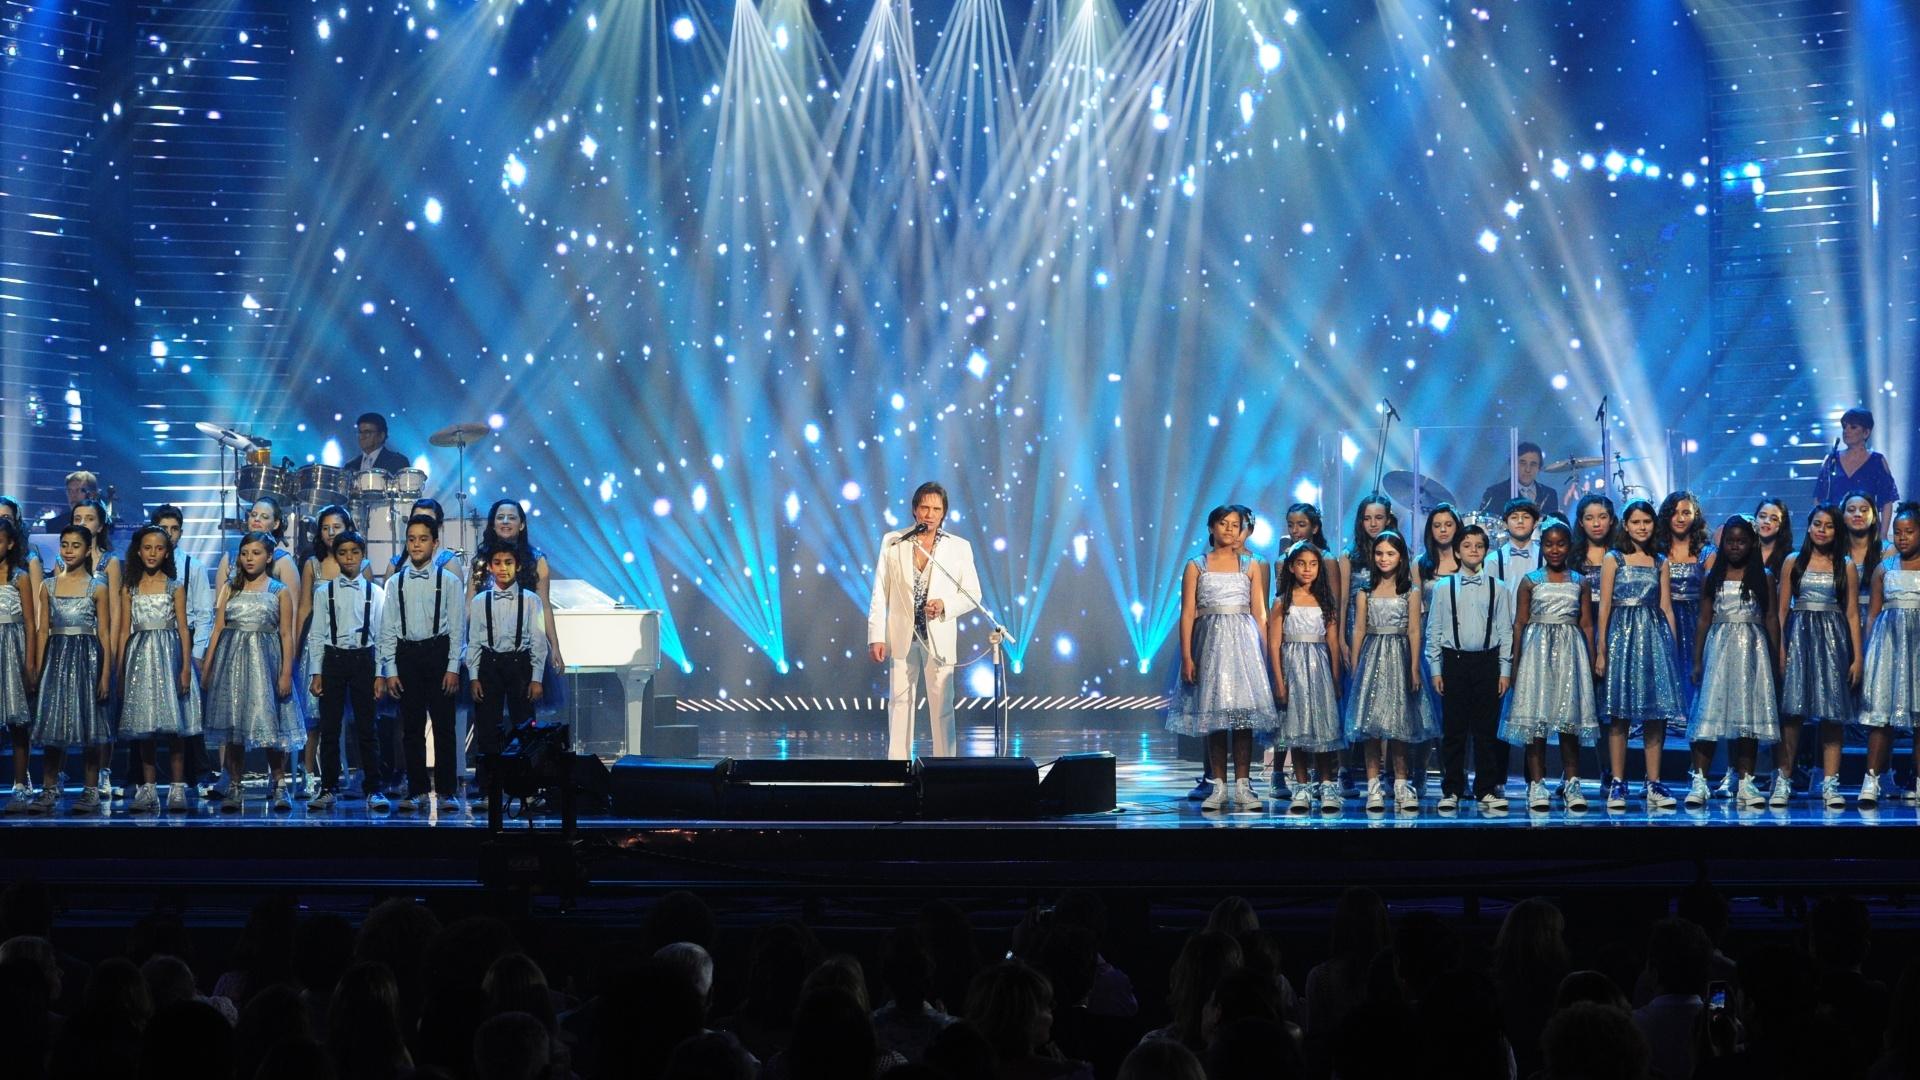 Acompanhado por um coral de 65 crianças, Roberto Carlos cantou